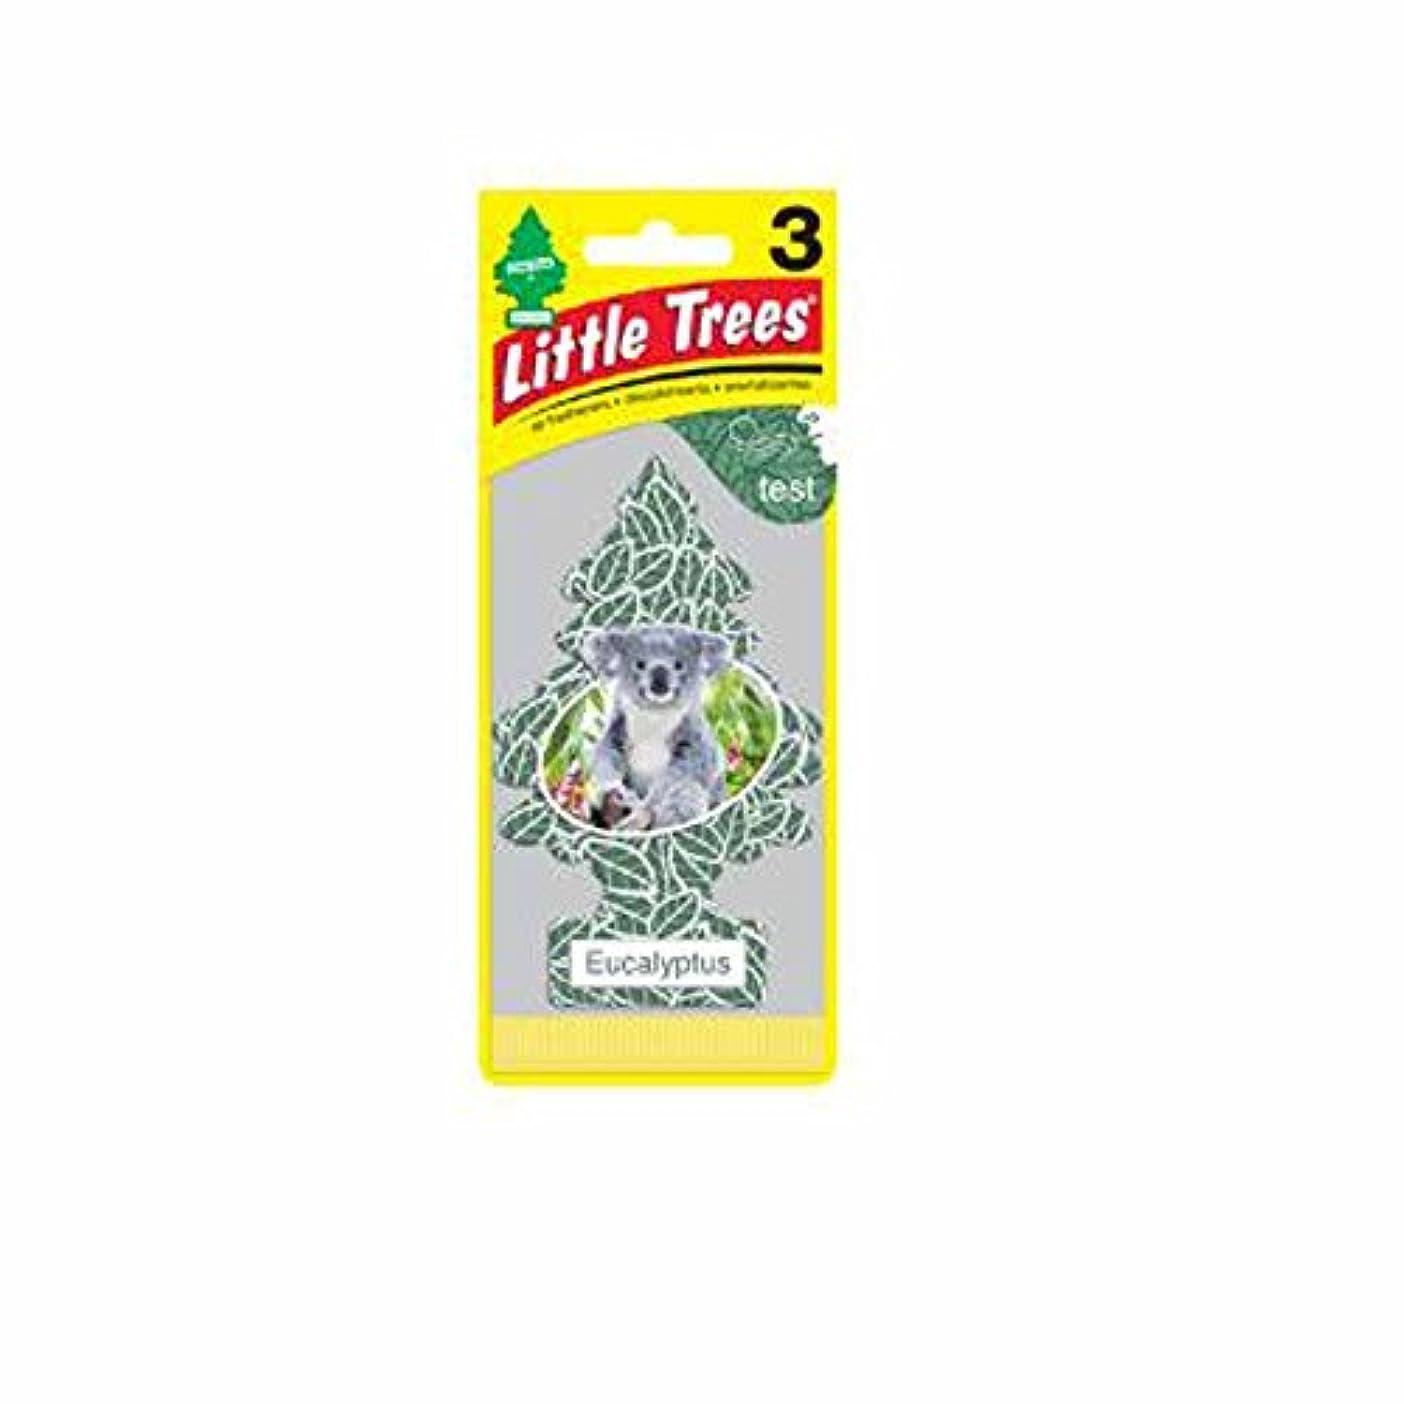 いまアクチュエータオペレーターLittle Trees 吊下げタイプ エアーフレッシュナー eucalyptus(ユーカリ) 3枚セット(3P) U3S-37365